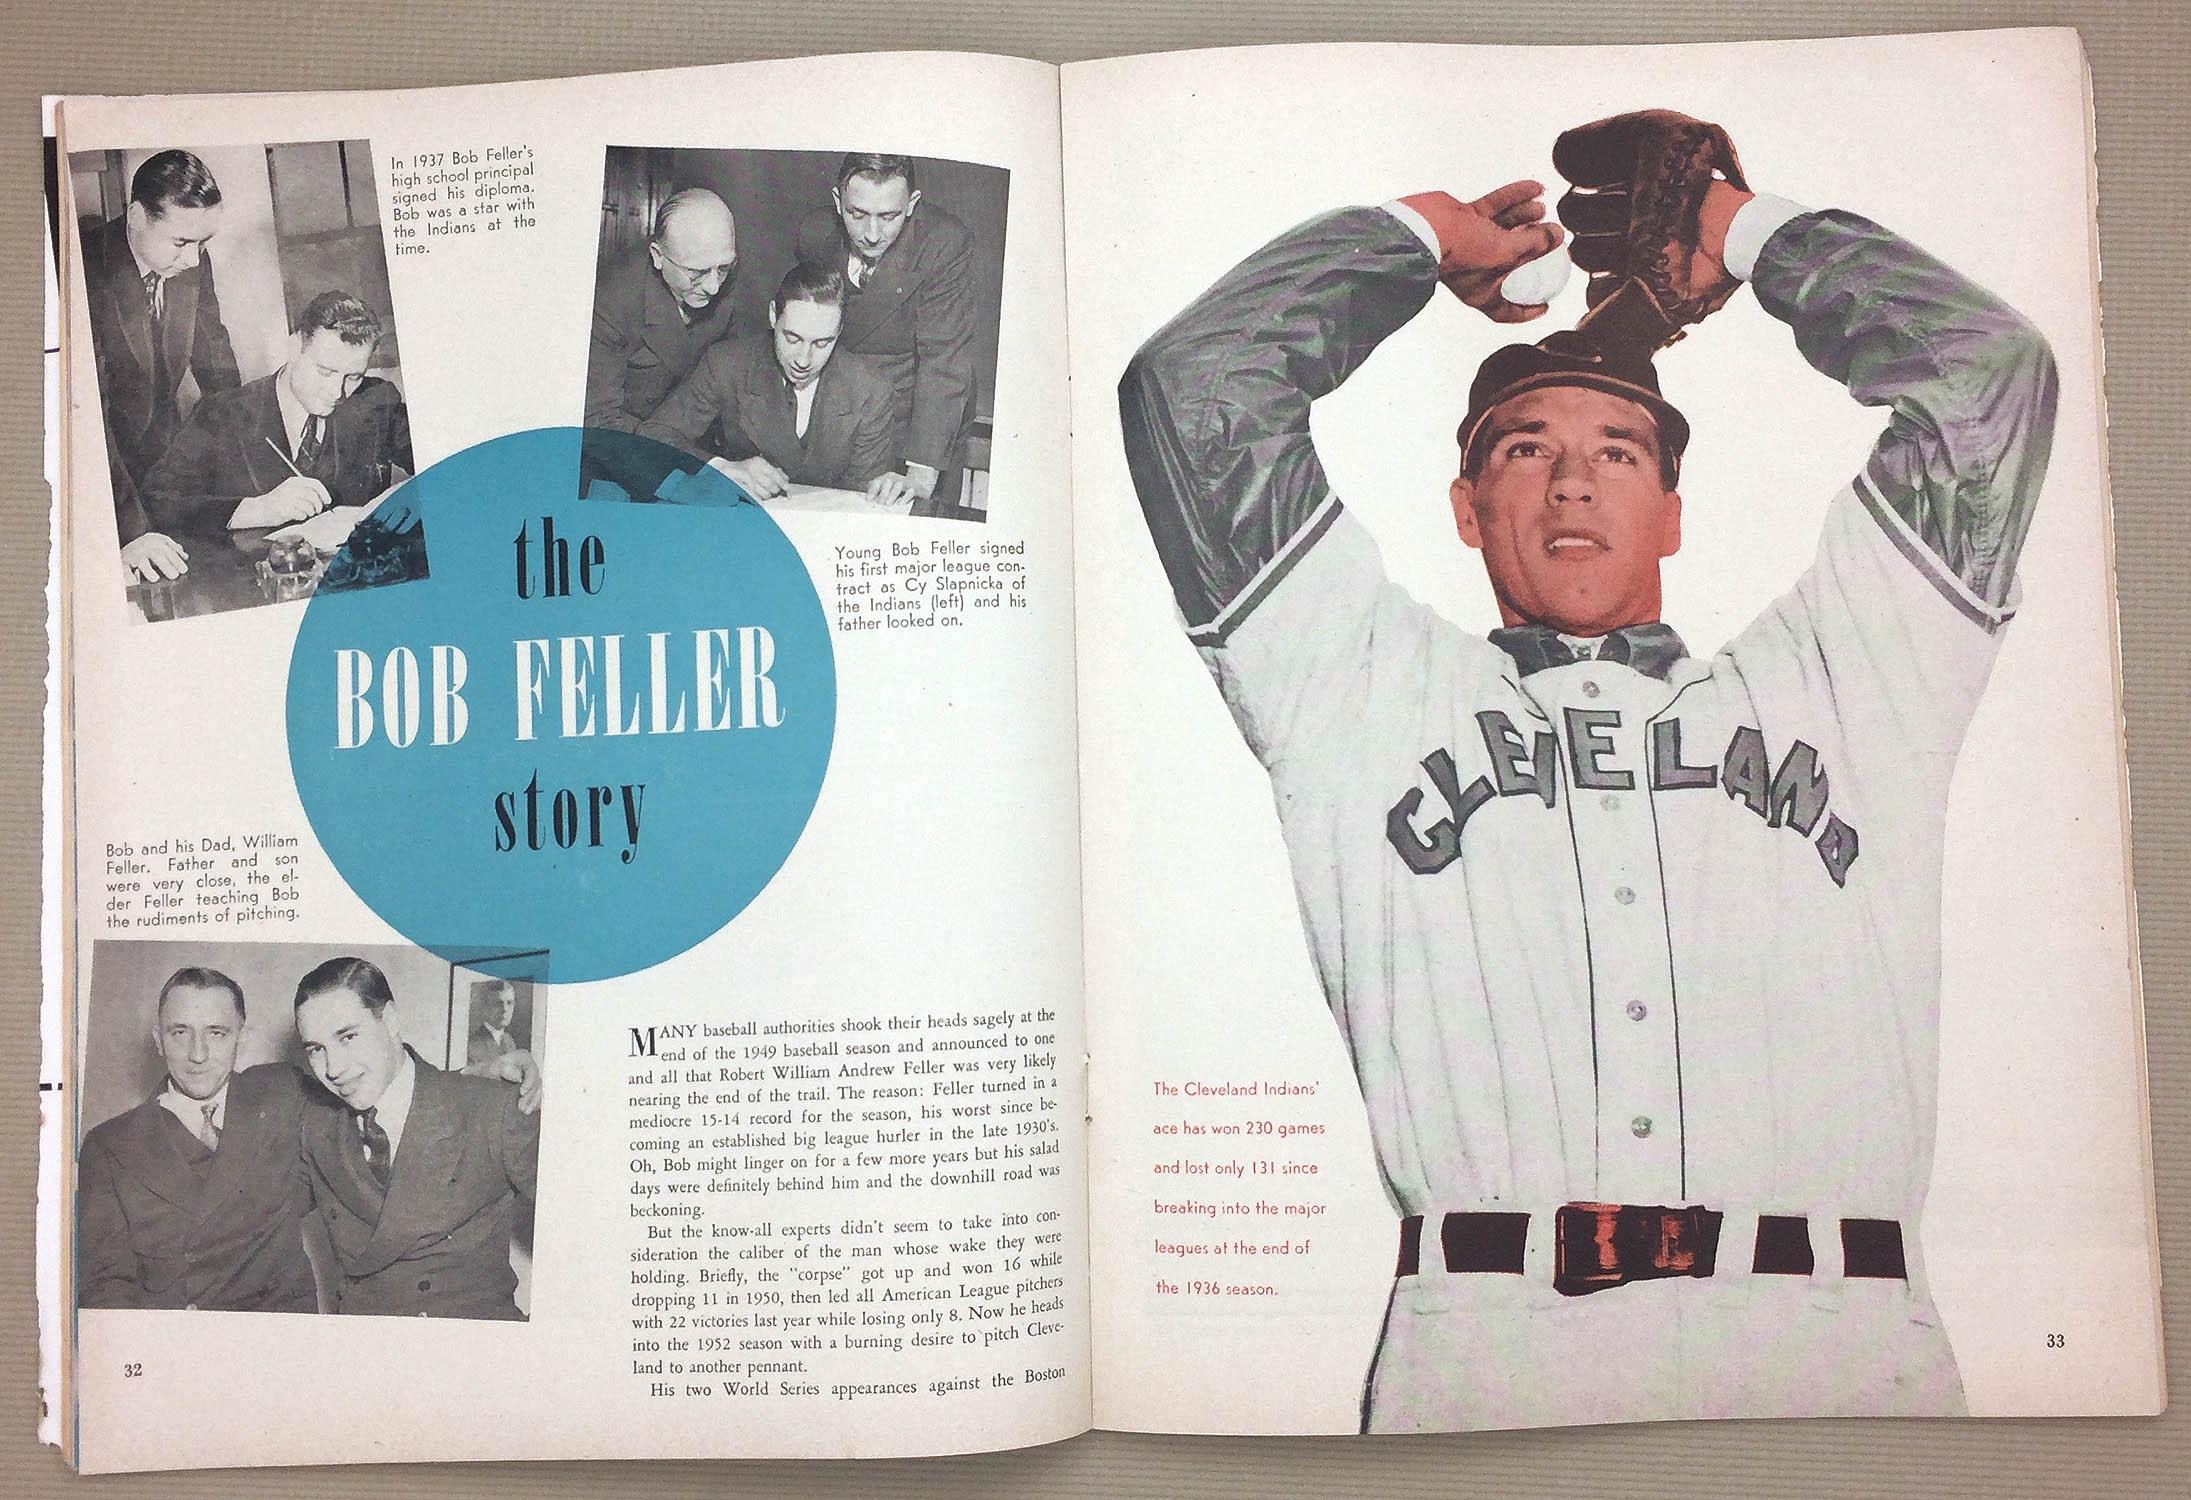 The Bob Feller Story